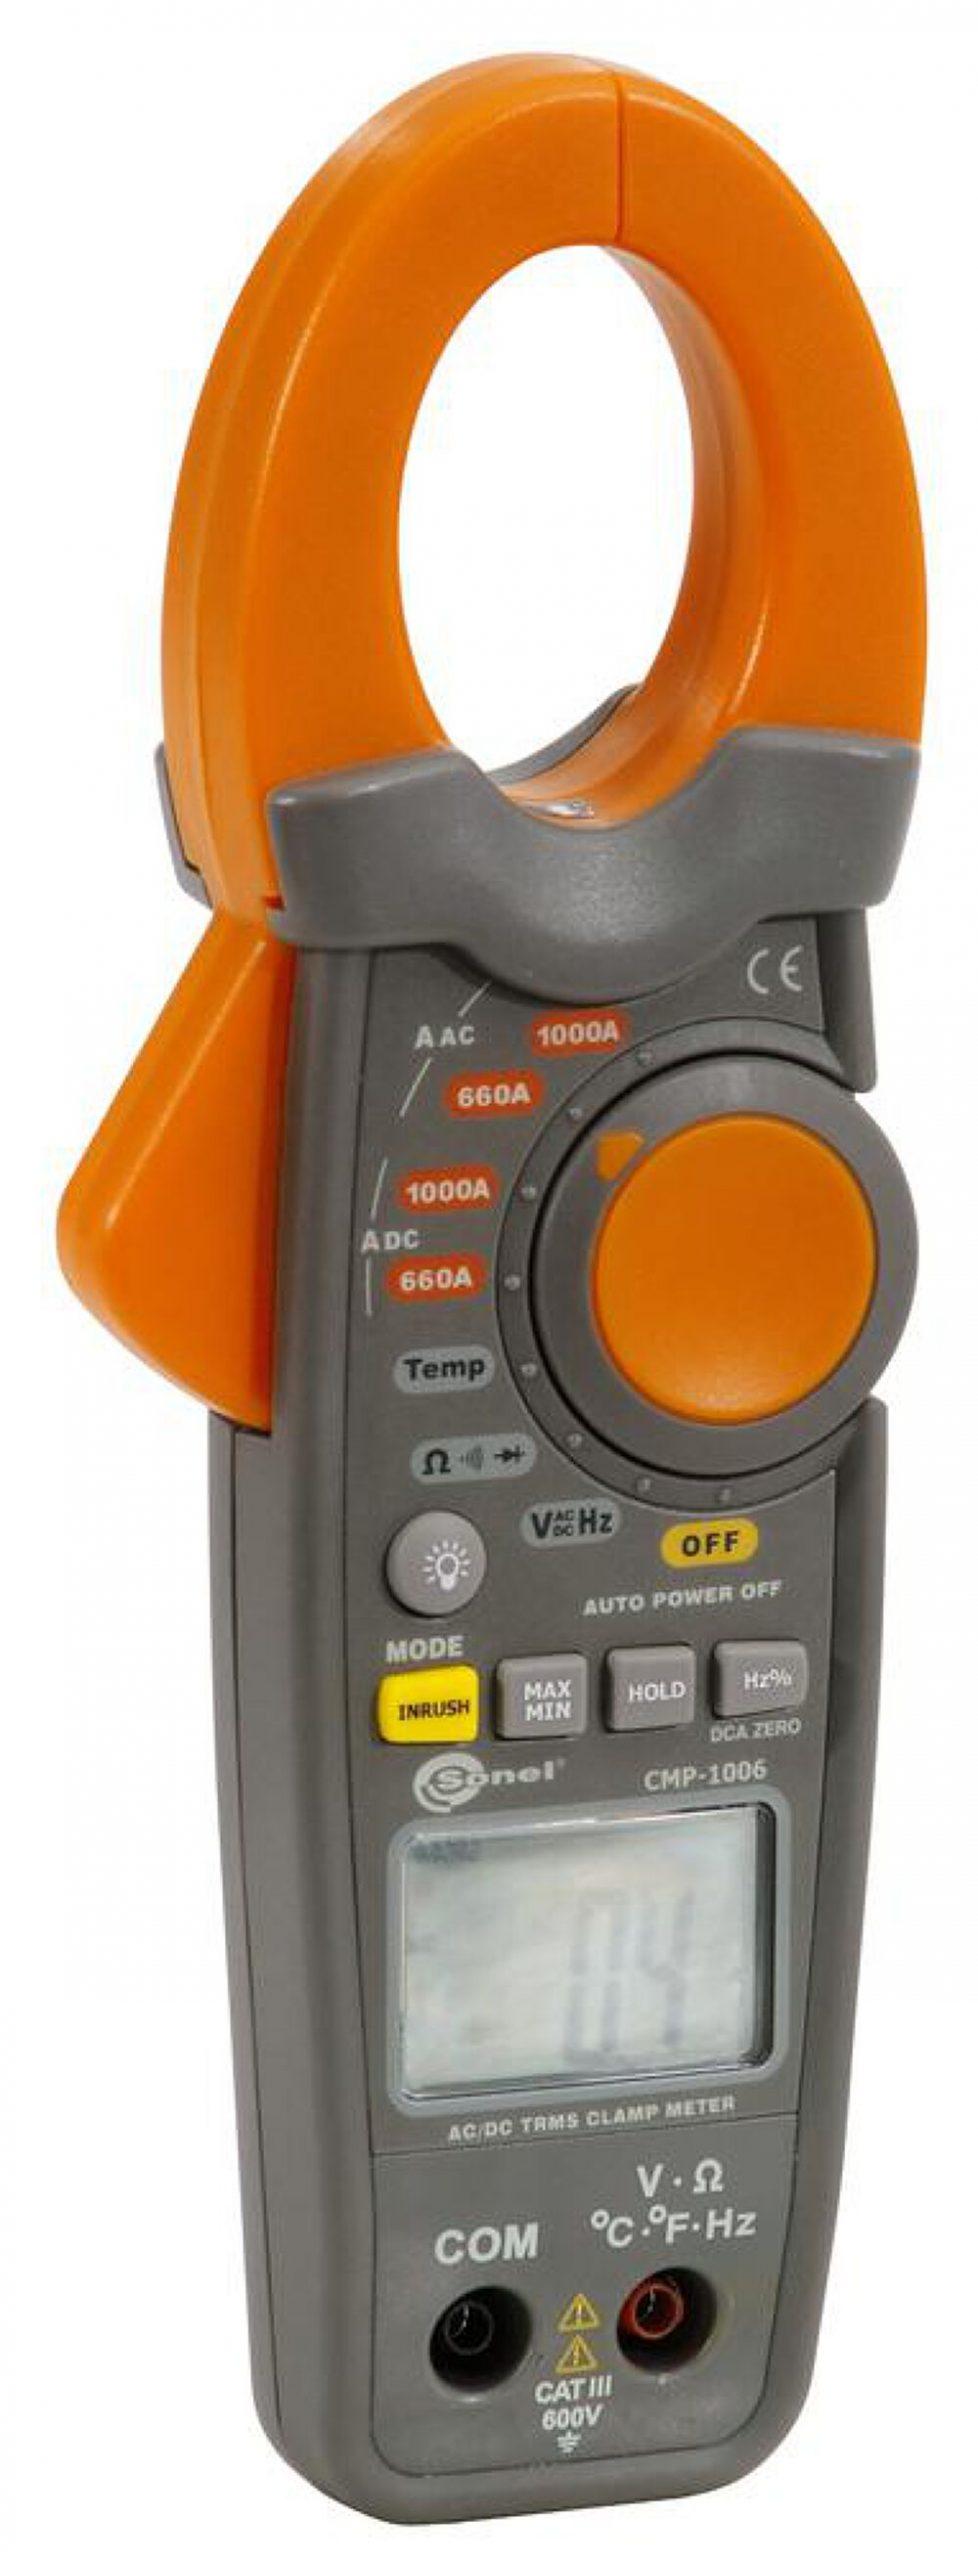 Đồng hồ kẹp kỹ thuật số Sonel CMP-1006